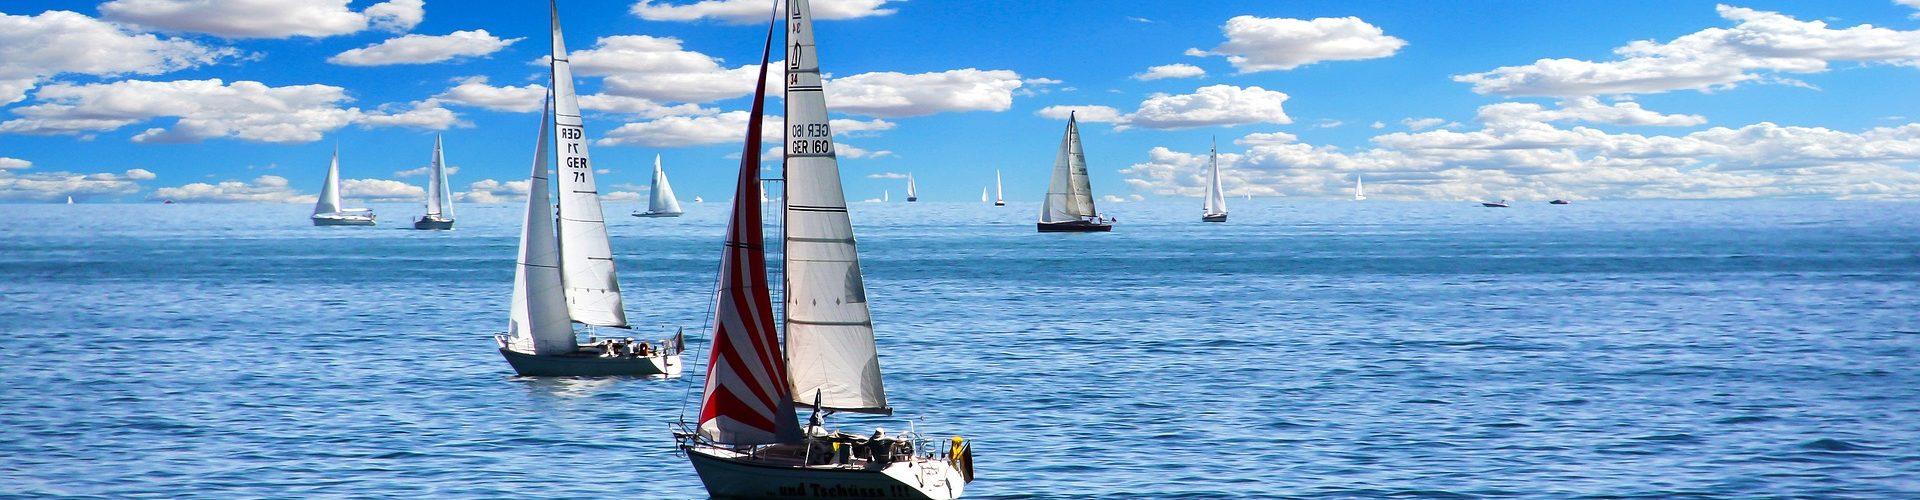 segeln lernen in Schrampe segelschein machen in Schrampe 1920x500 - Segeln lernen in Schrampe